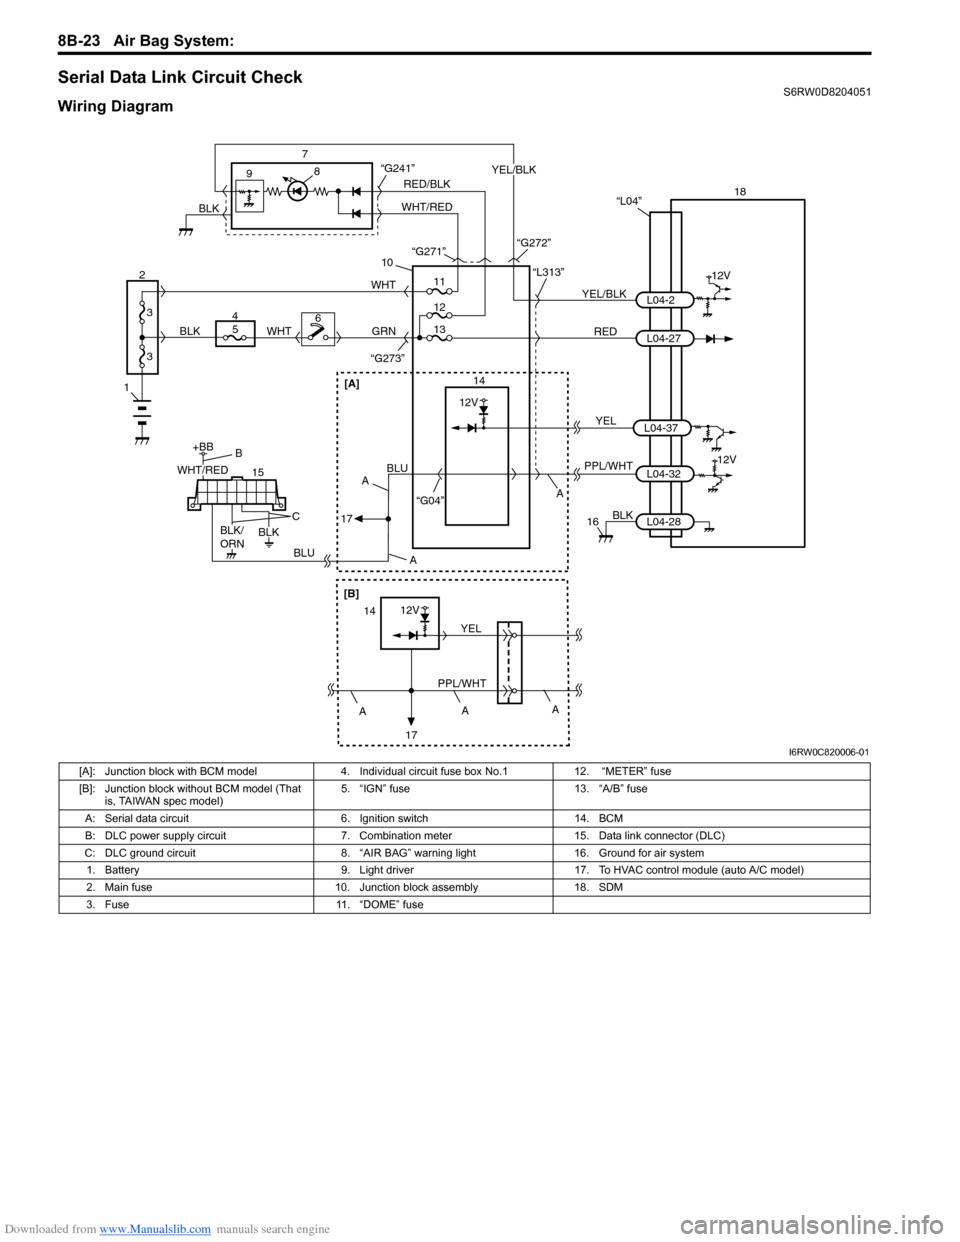 Sx4 Engine Diagram Wiring Library 2005 Suzuki Verona 2006 1g Service Workshop Manual Page 1062